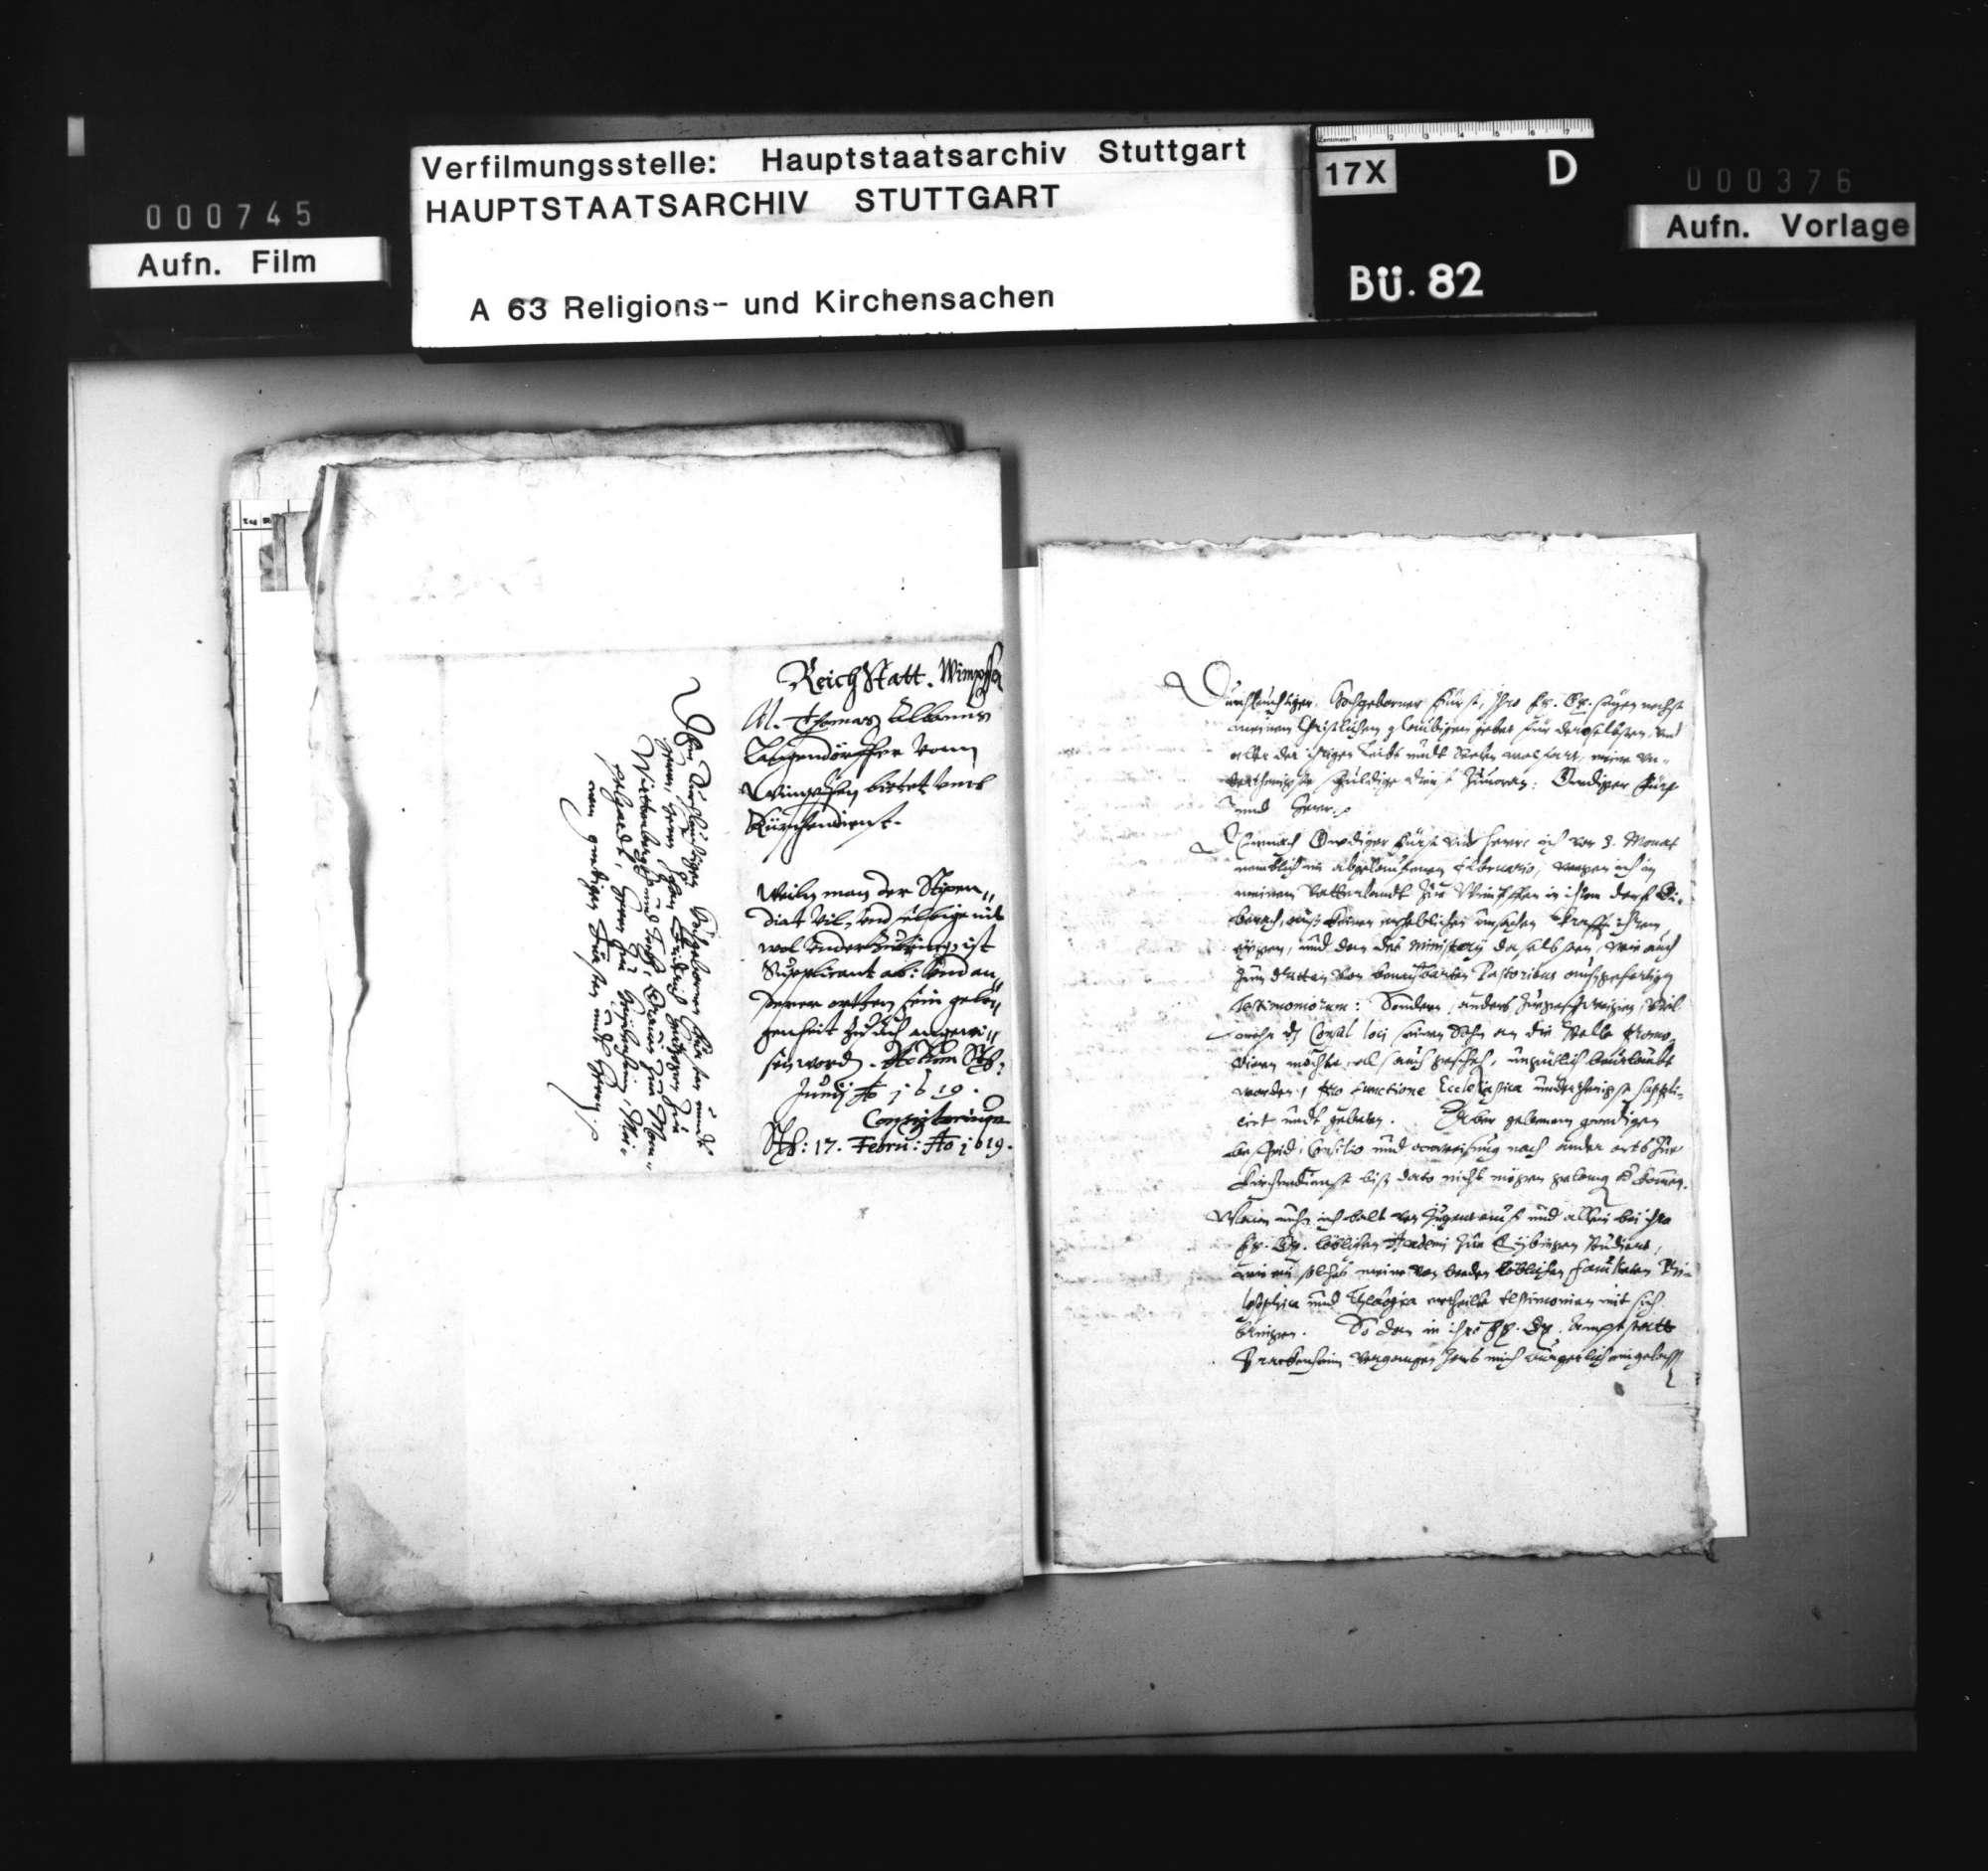 Bitte des M. Langendörfer von Wimpfen um Verwendung im württembergischen Kirchendienst, Bild 3